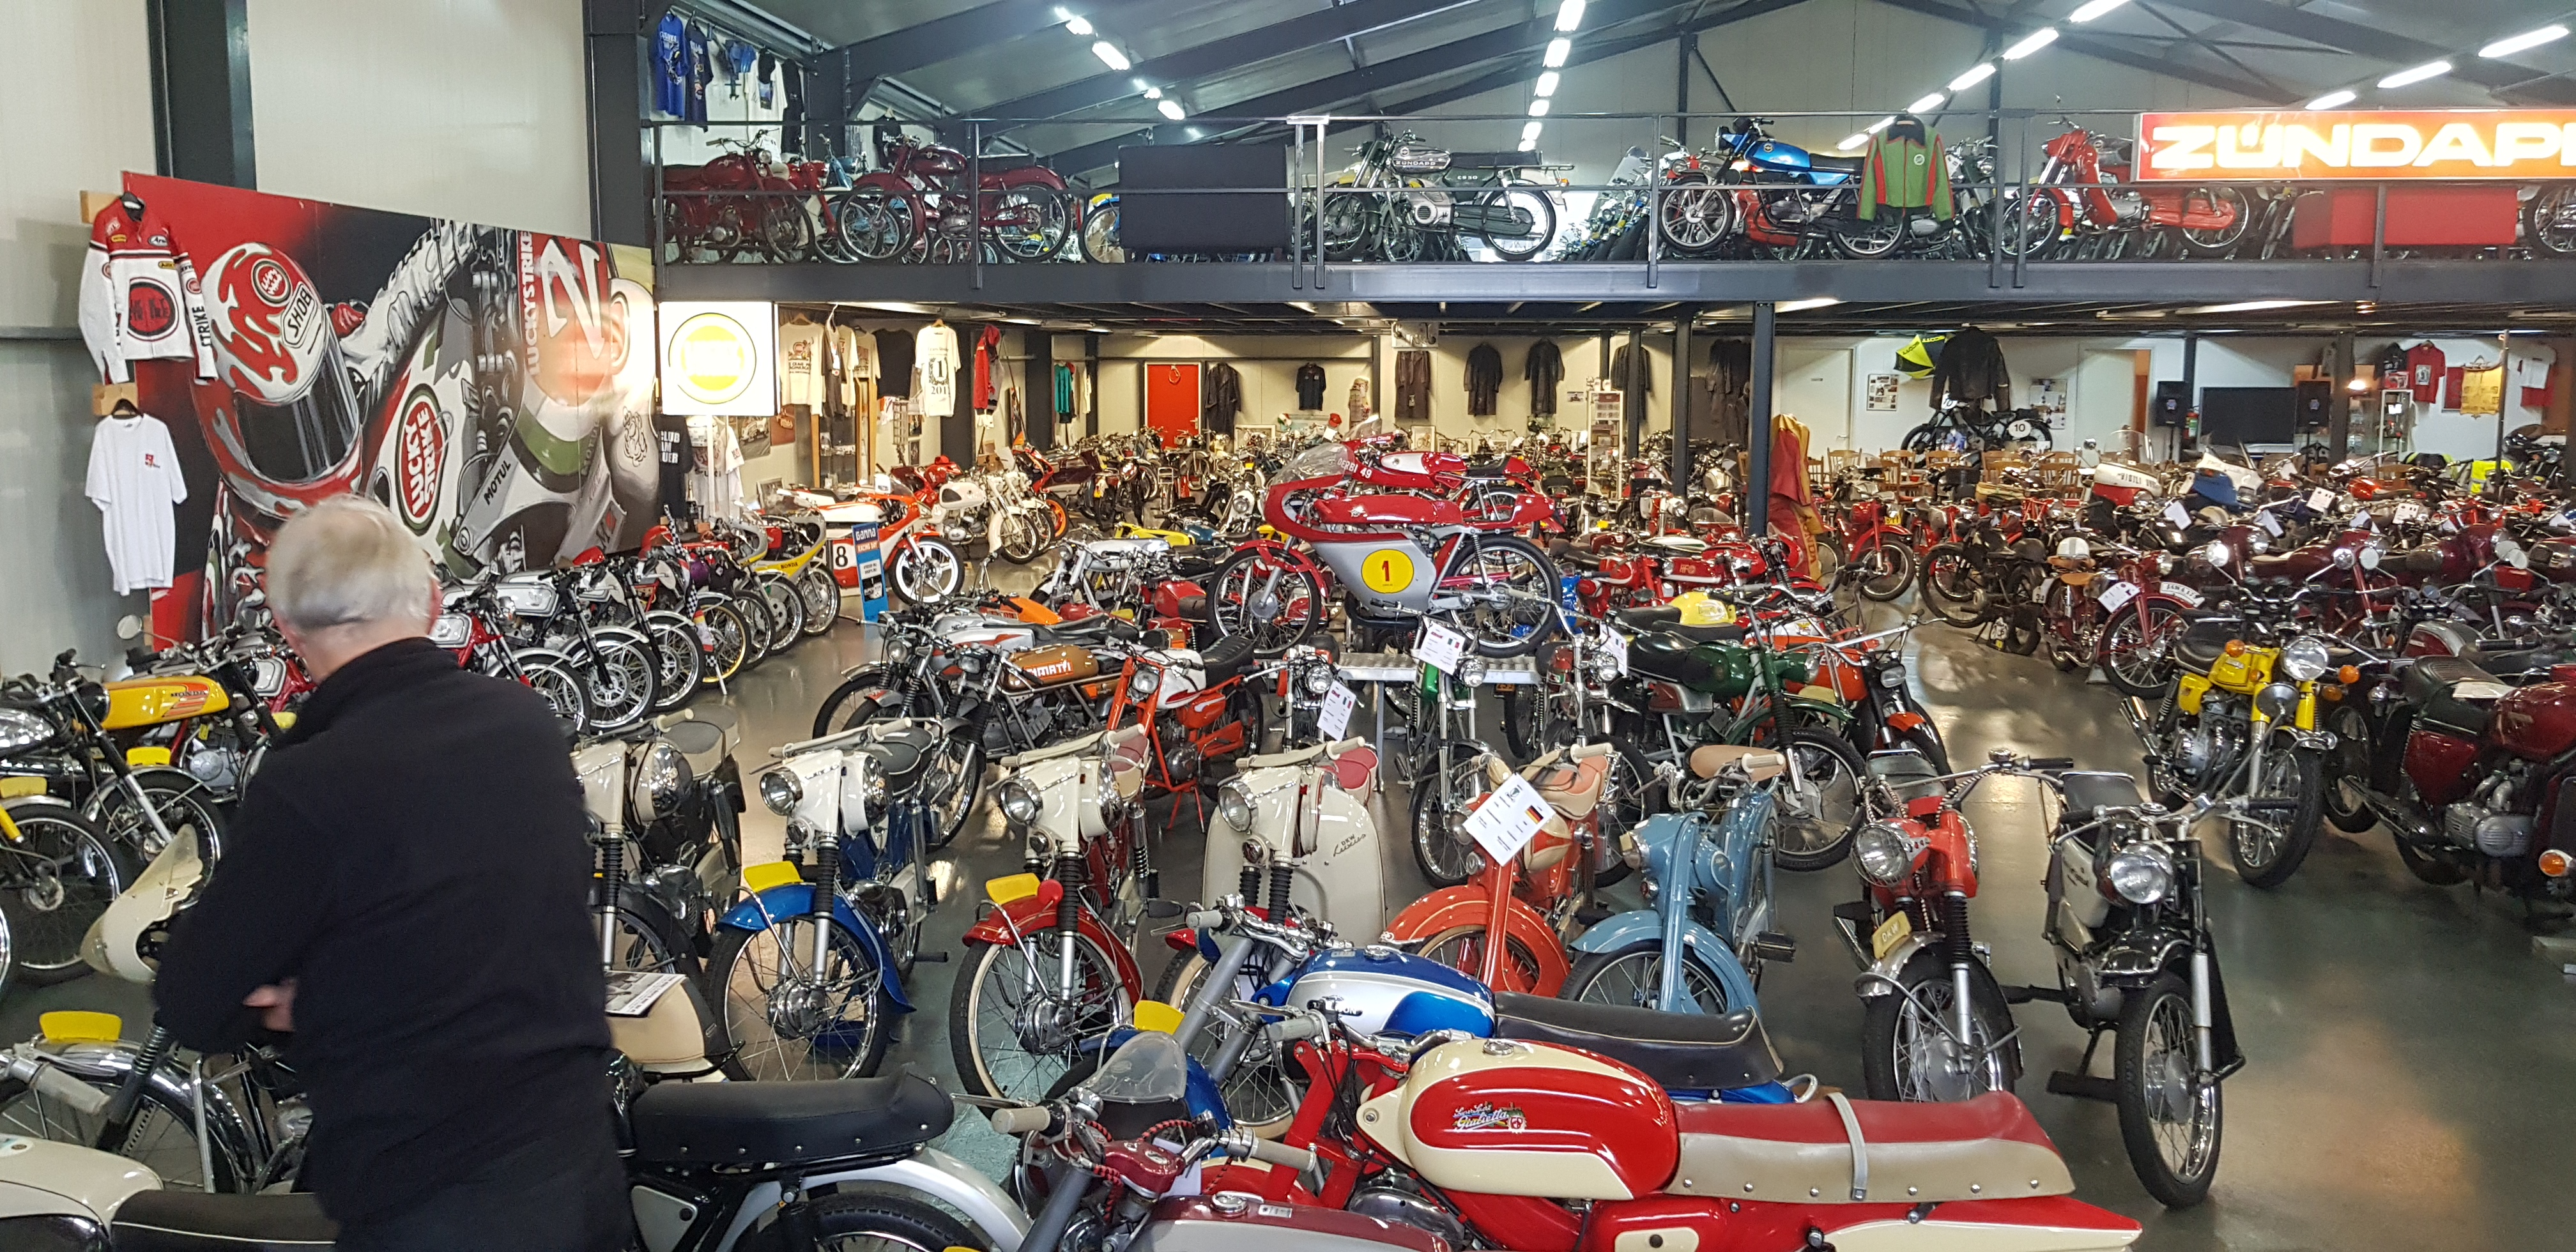 Brommer- en motormuseum Wigchers - Schoonoord-